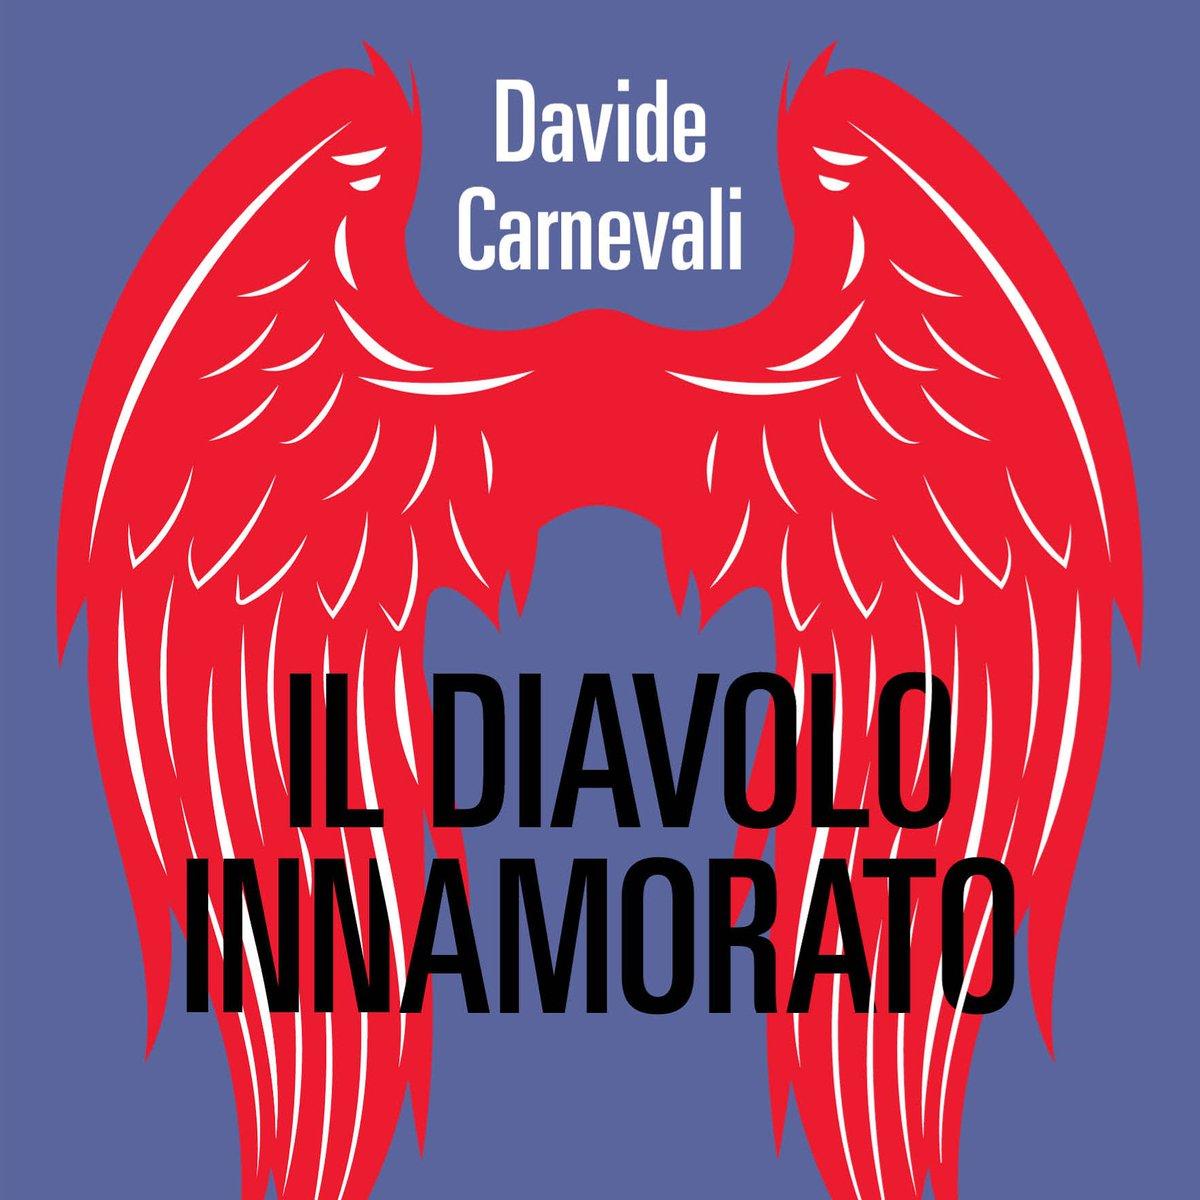 Ne #IlDiavoloInnamorato Davide Carnevali mette in scena una sacra rappresentazione, trascinando il lettore in una dimensione senza tempo.   Con ironia e originalità, l'autore si avvicina alla grandi religioni monoteiste e crea un moderno Vangelo apocrifo.   #NovitàEditoriale https://t.co/UNXE8c3E4A